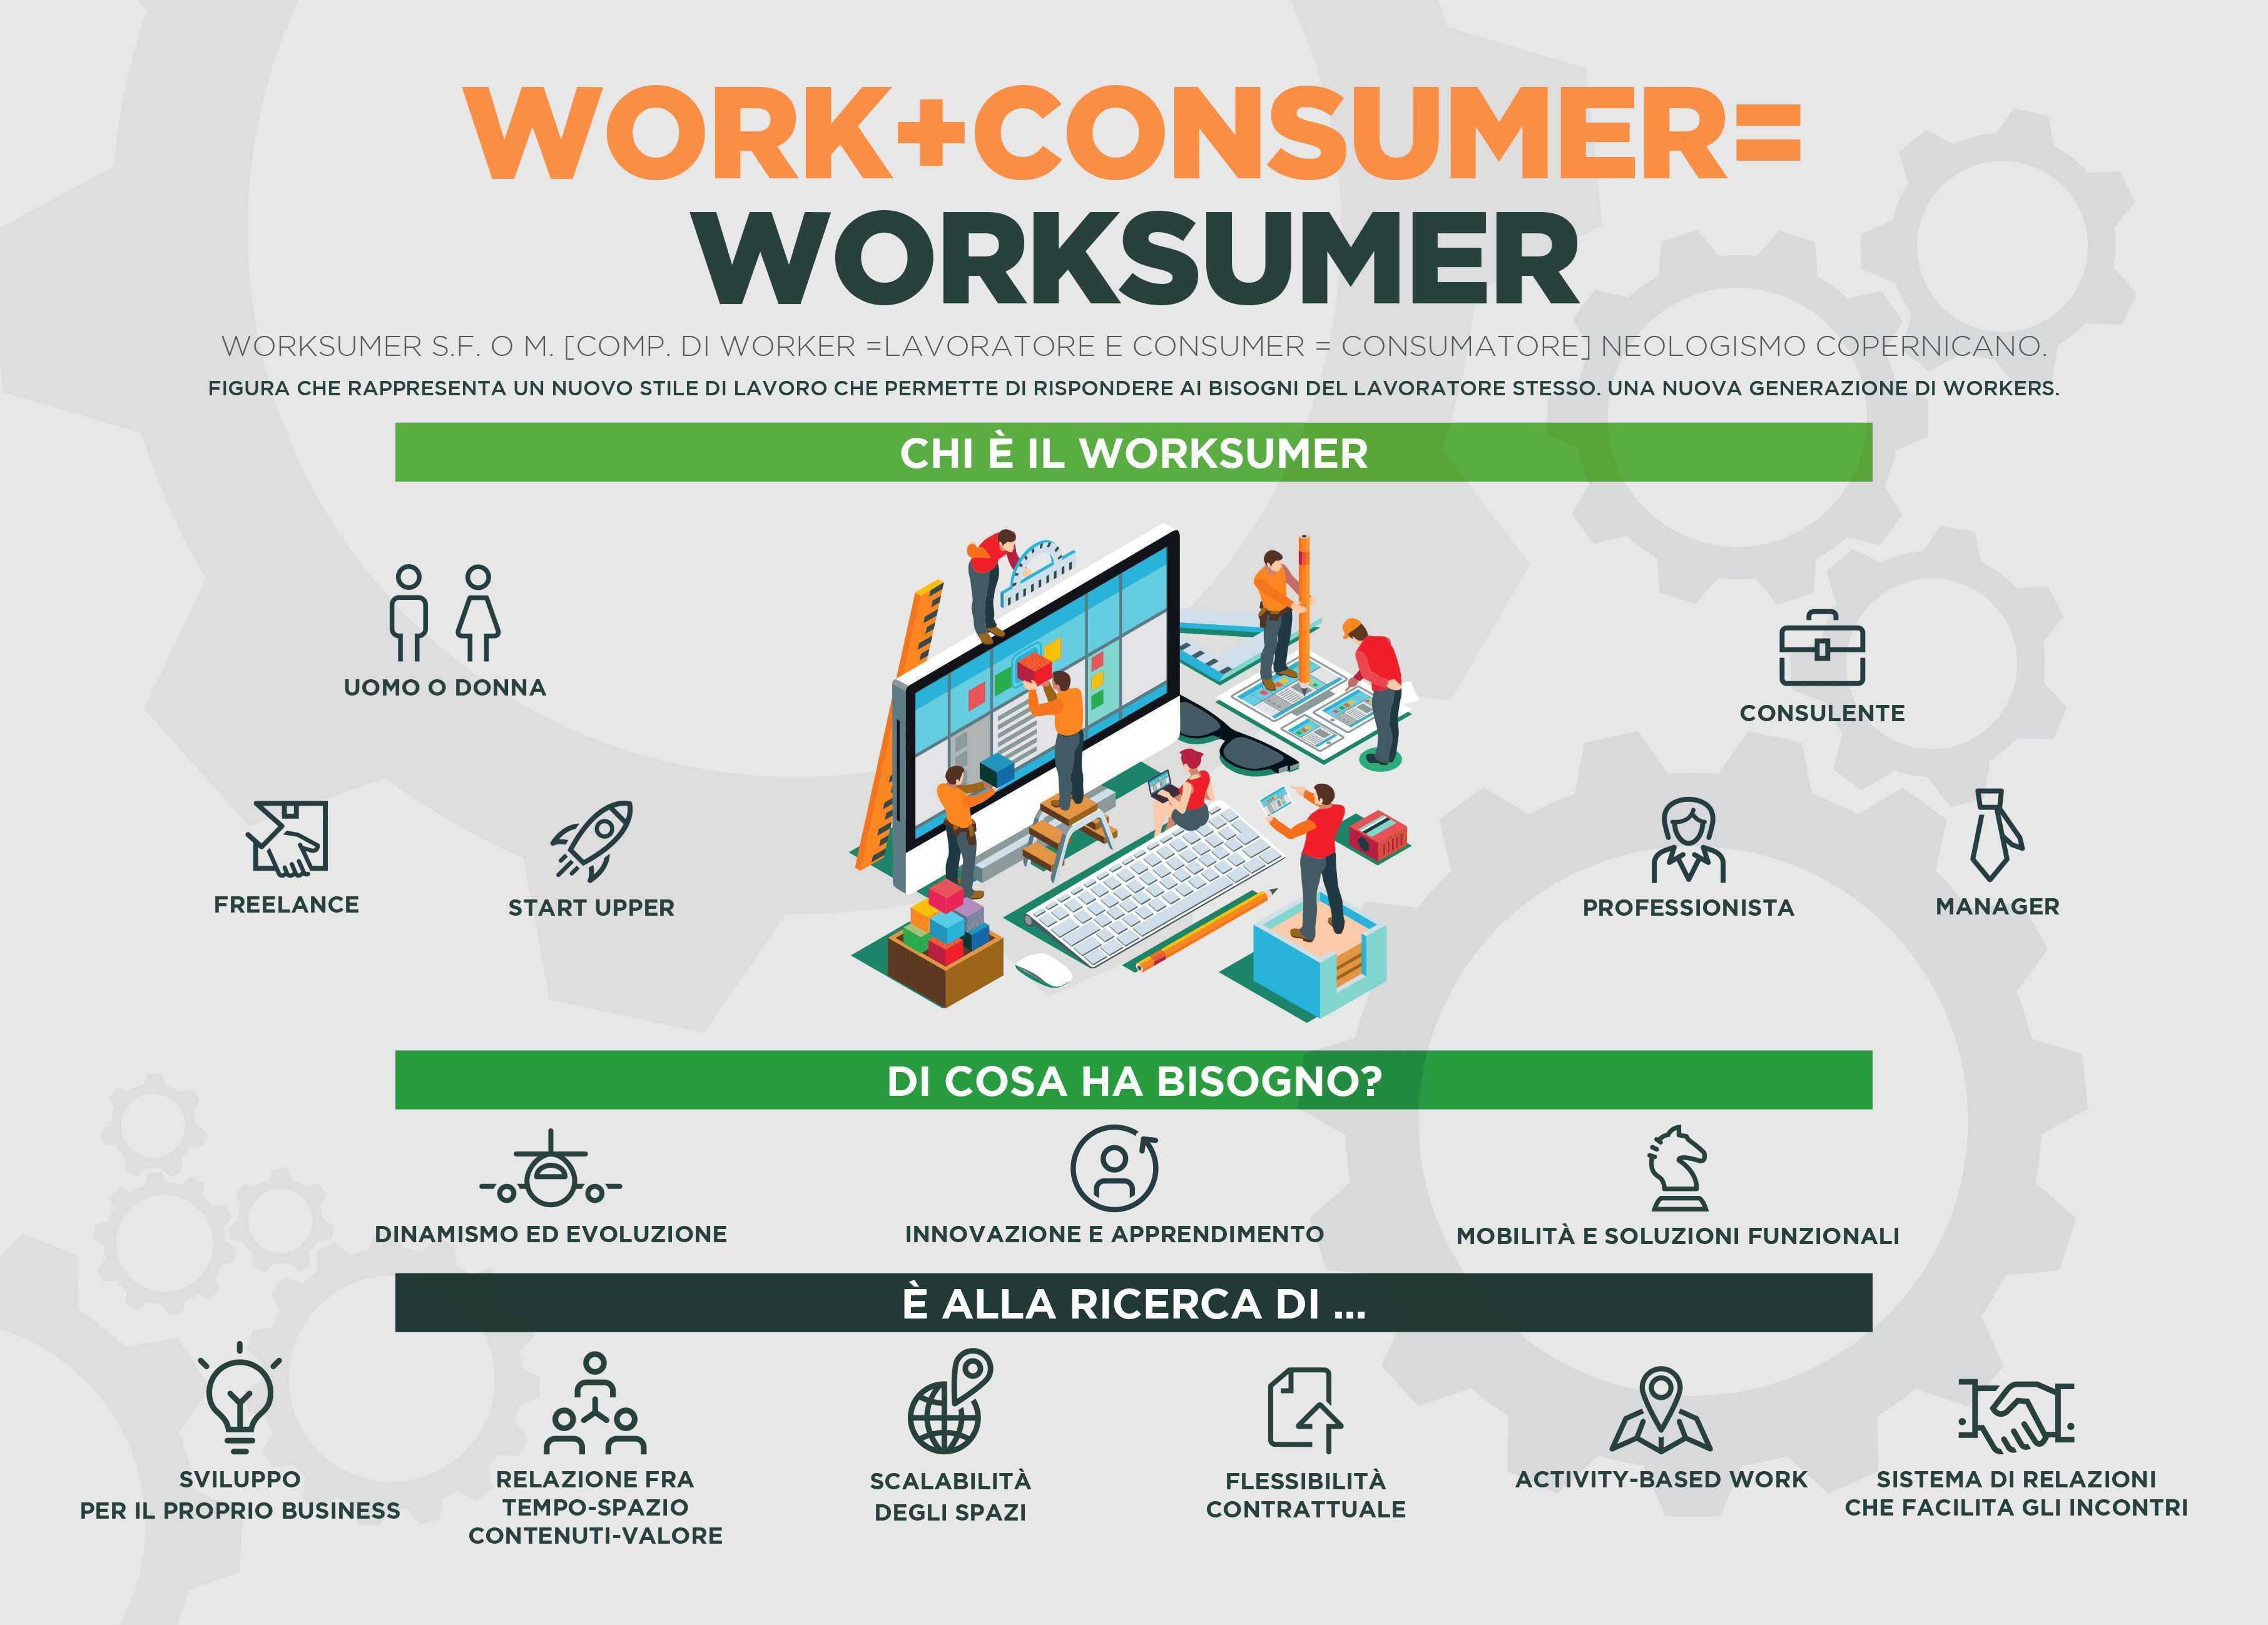 Worksumer: la nuova generazione dei lavoratori